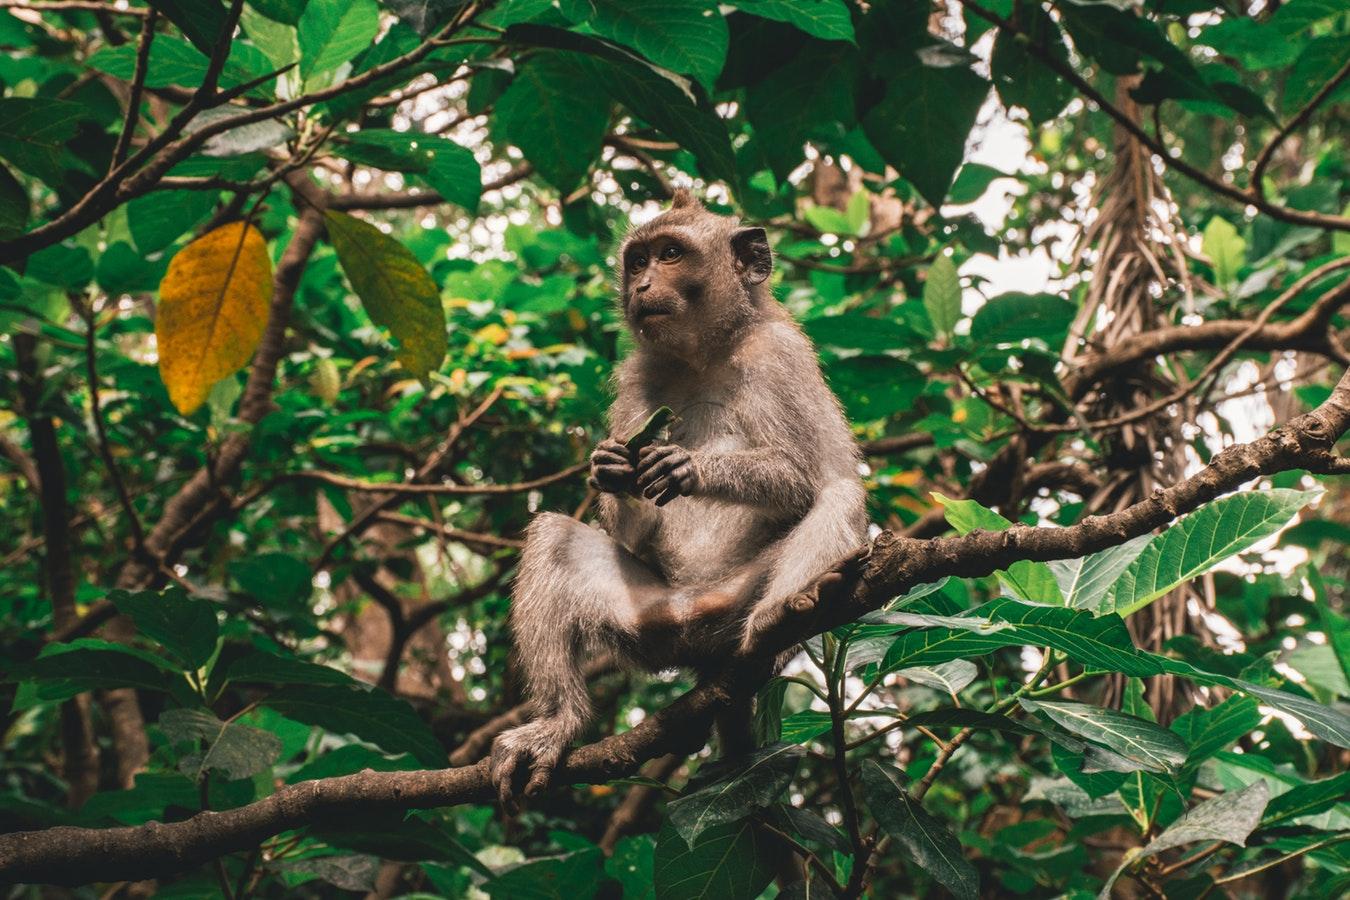 Foret des singes d'Ubud